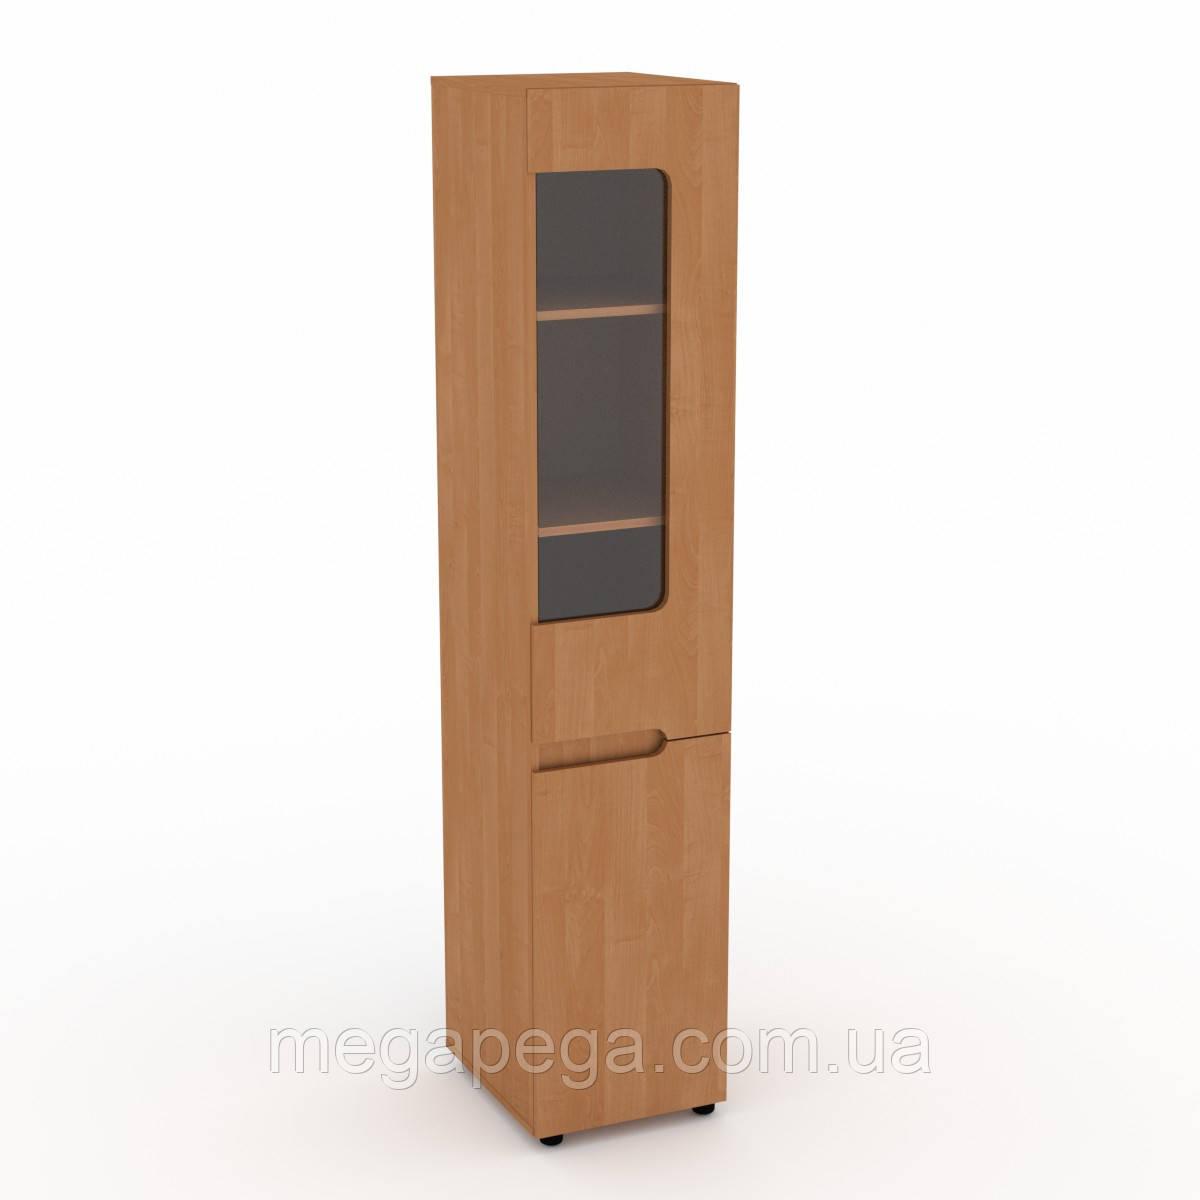 Шкаф-24 правый модульная система Стиль